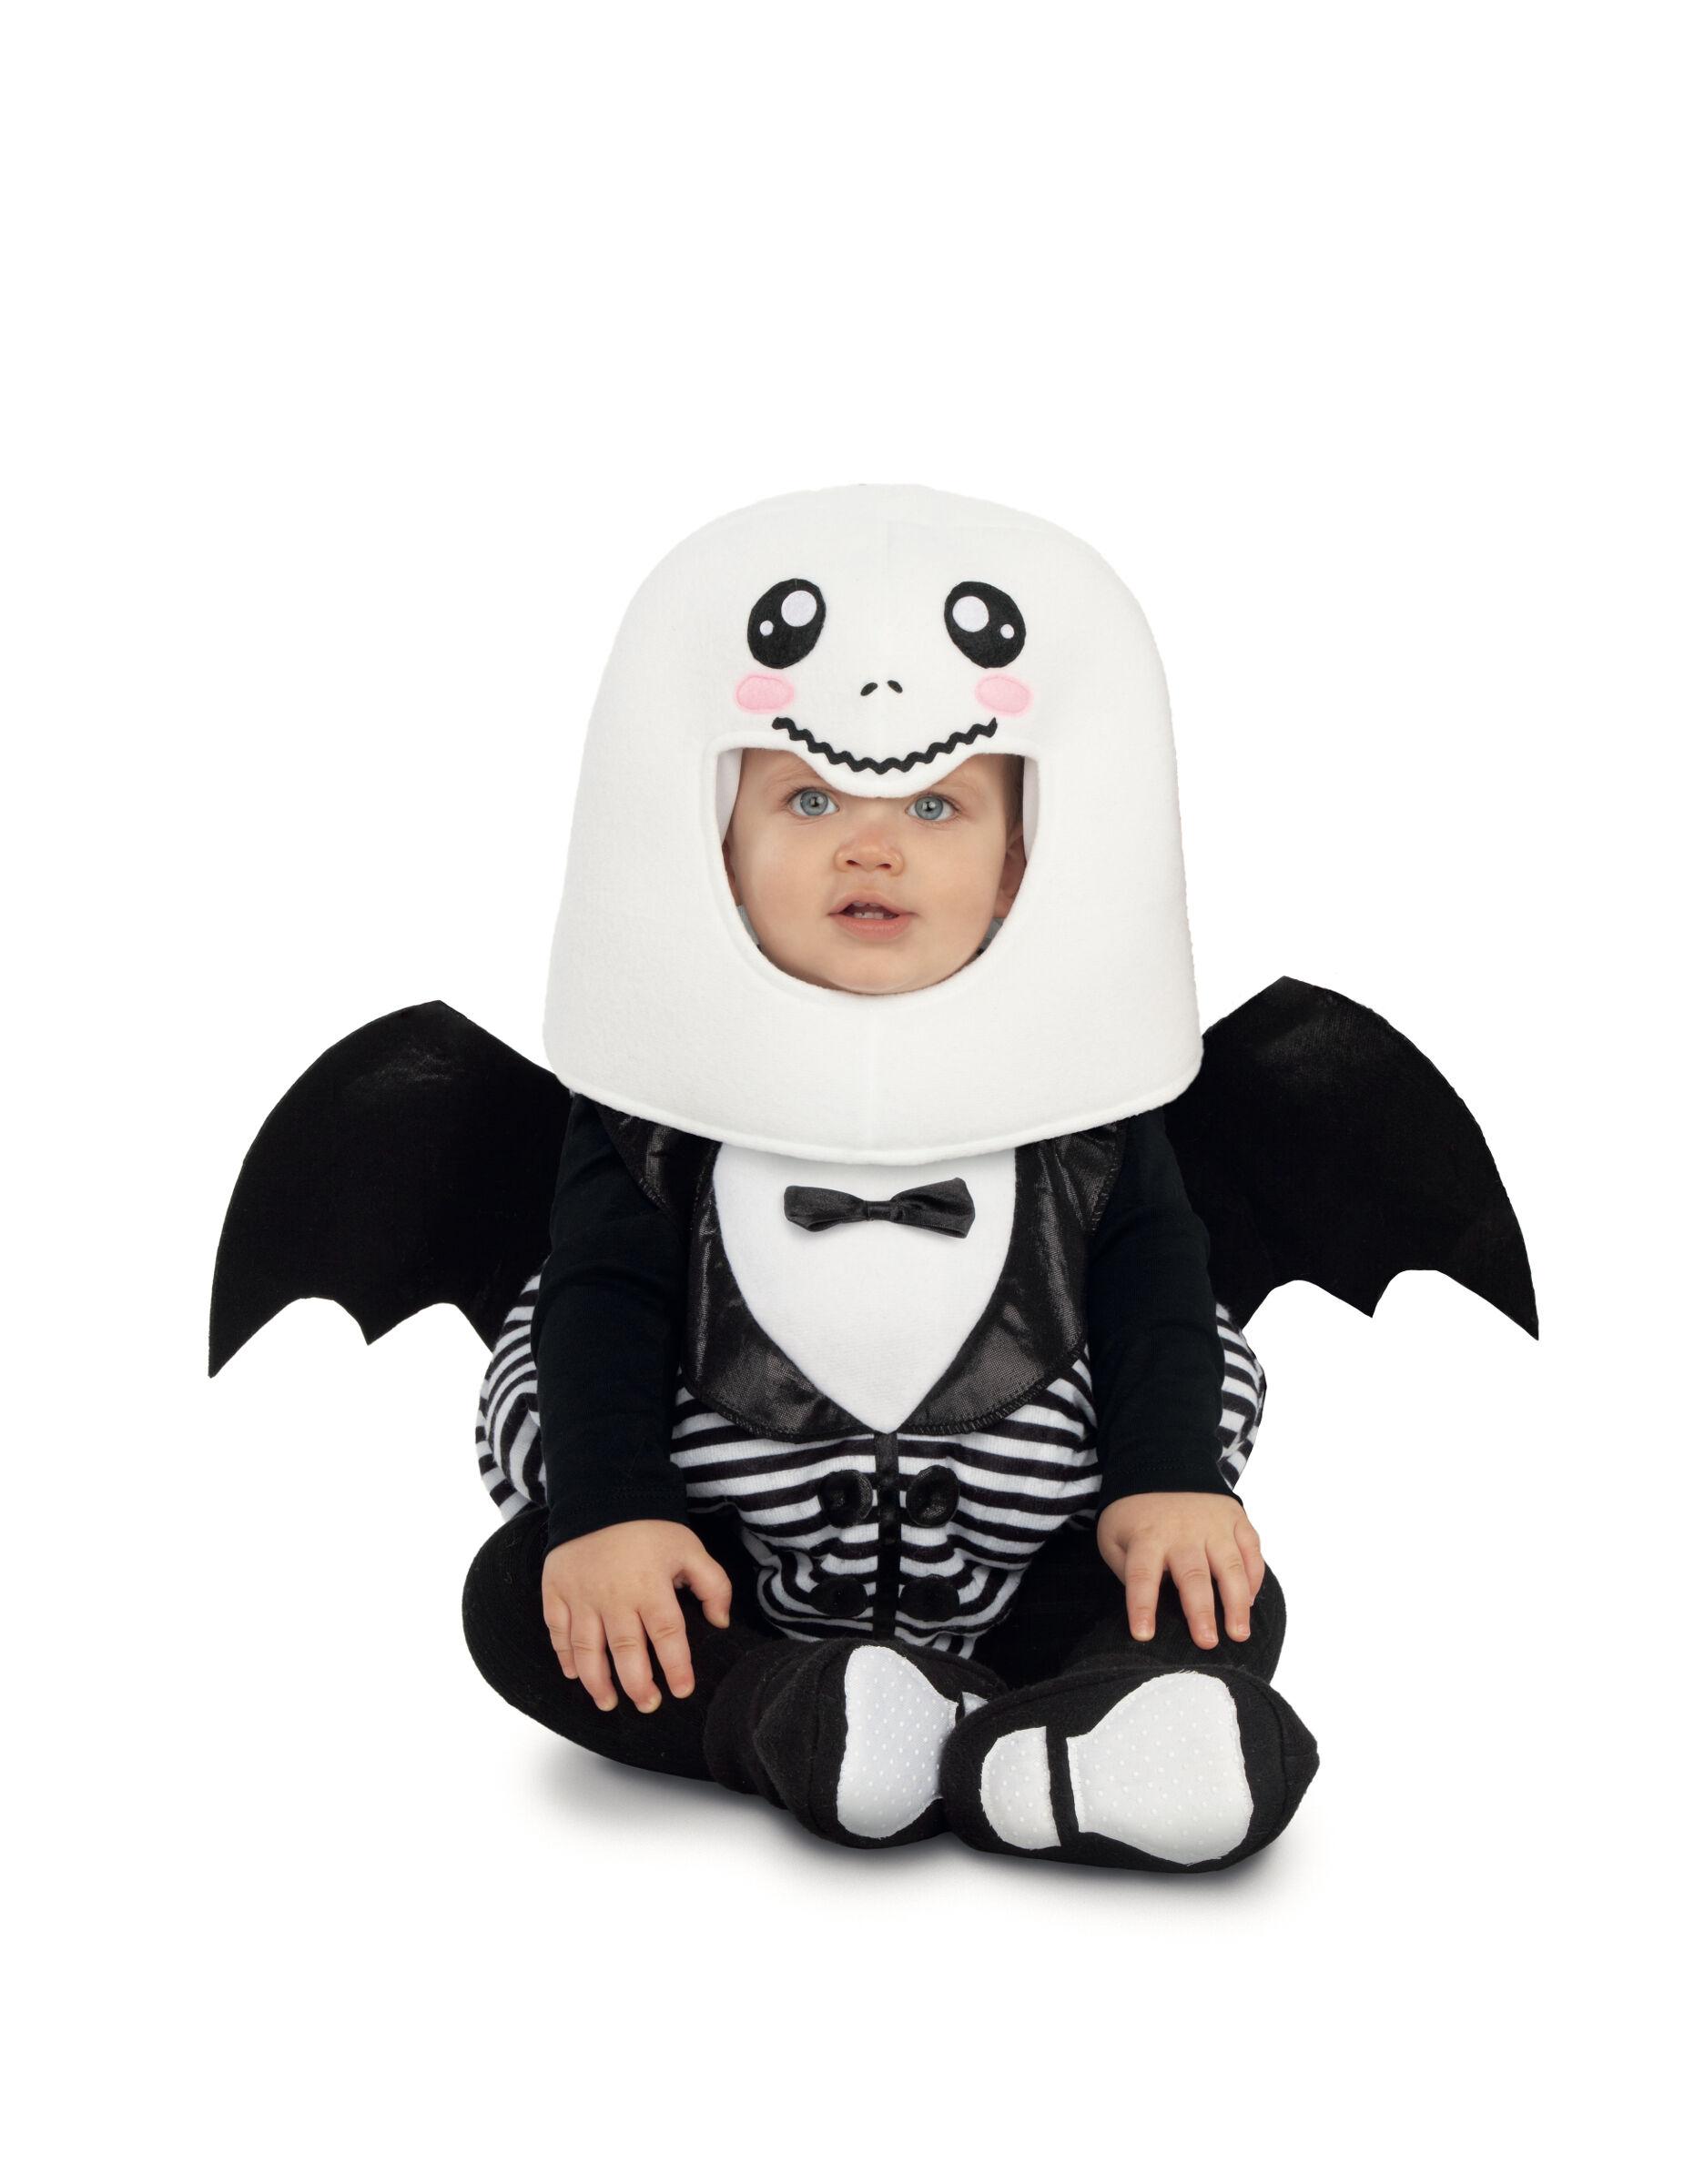 Deguisetoi Déguisement combinaison ballon fantôme bébé - Taille: 7 - 12 mois (74 - 80 cm)